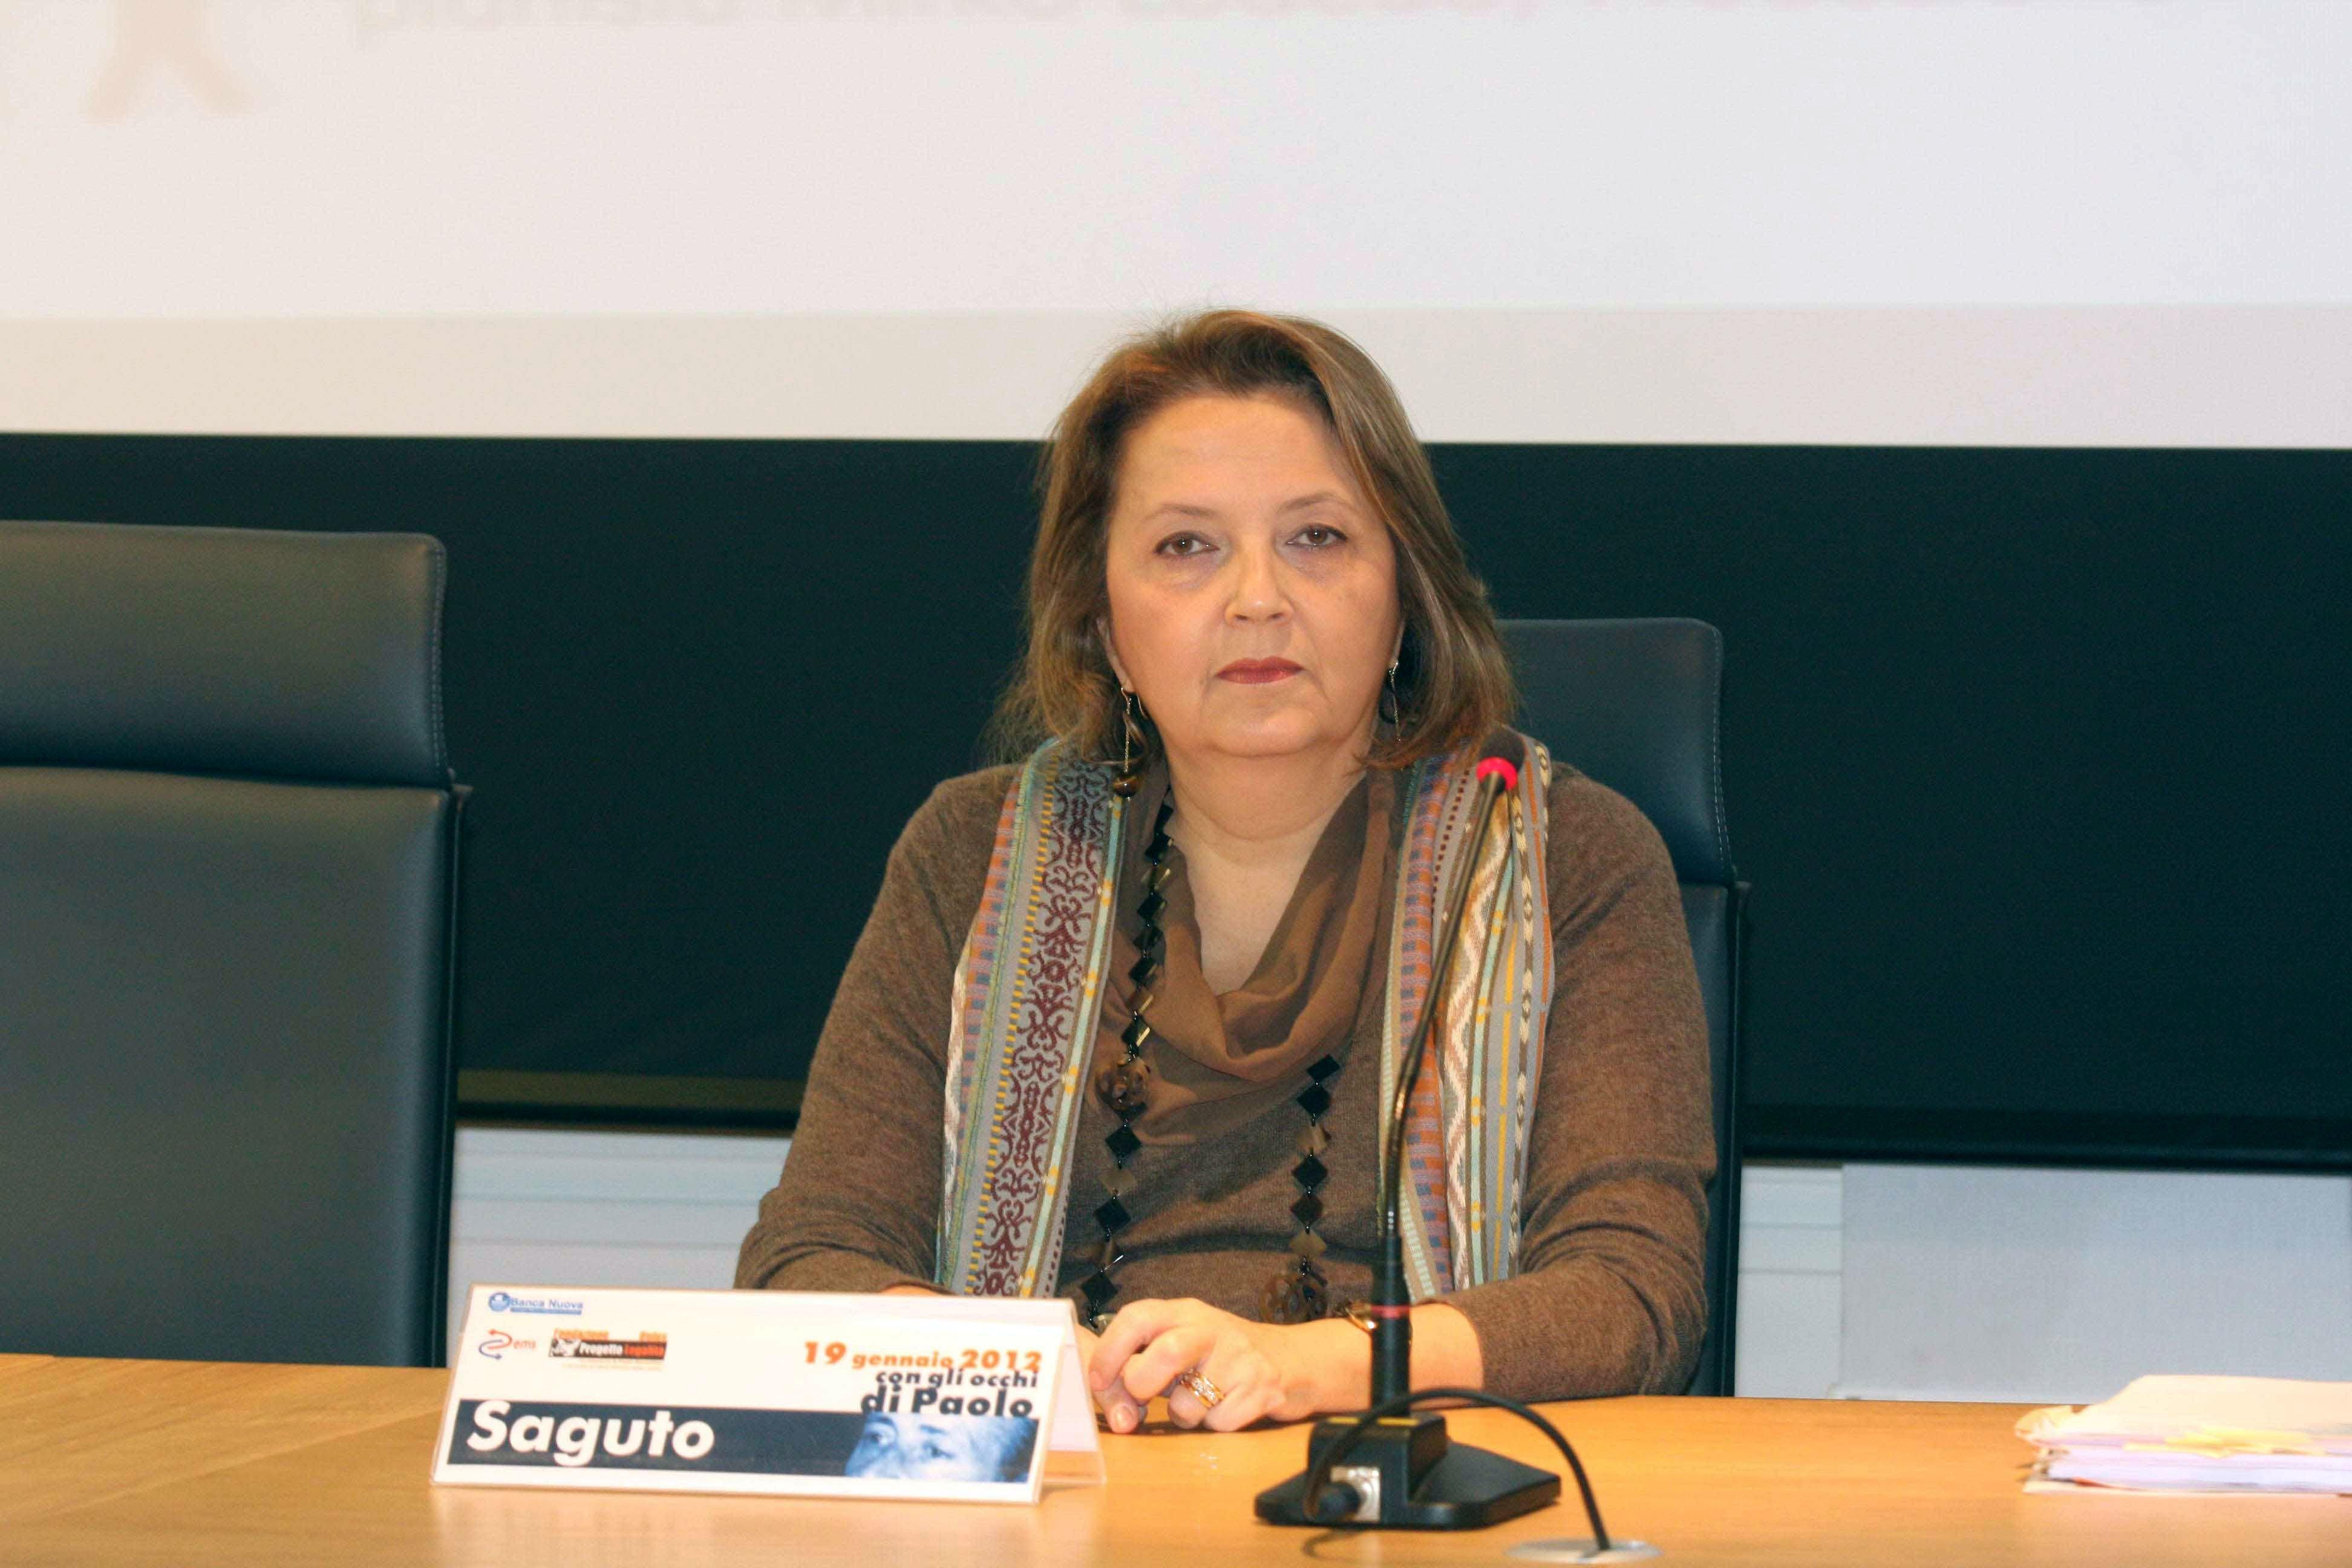 Caltanissetta, salta udienza del processo Saguto